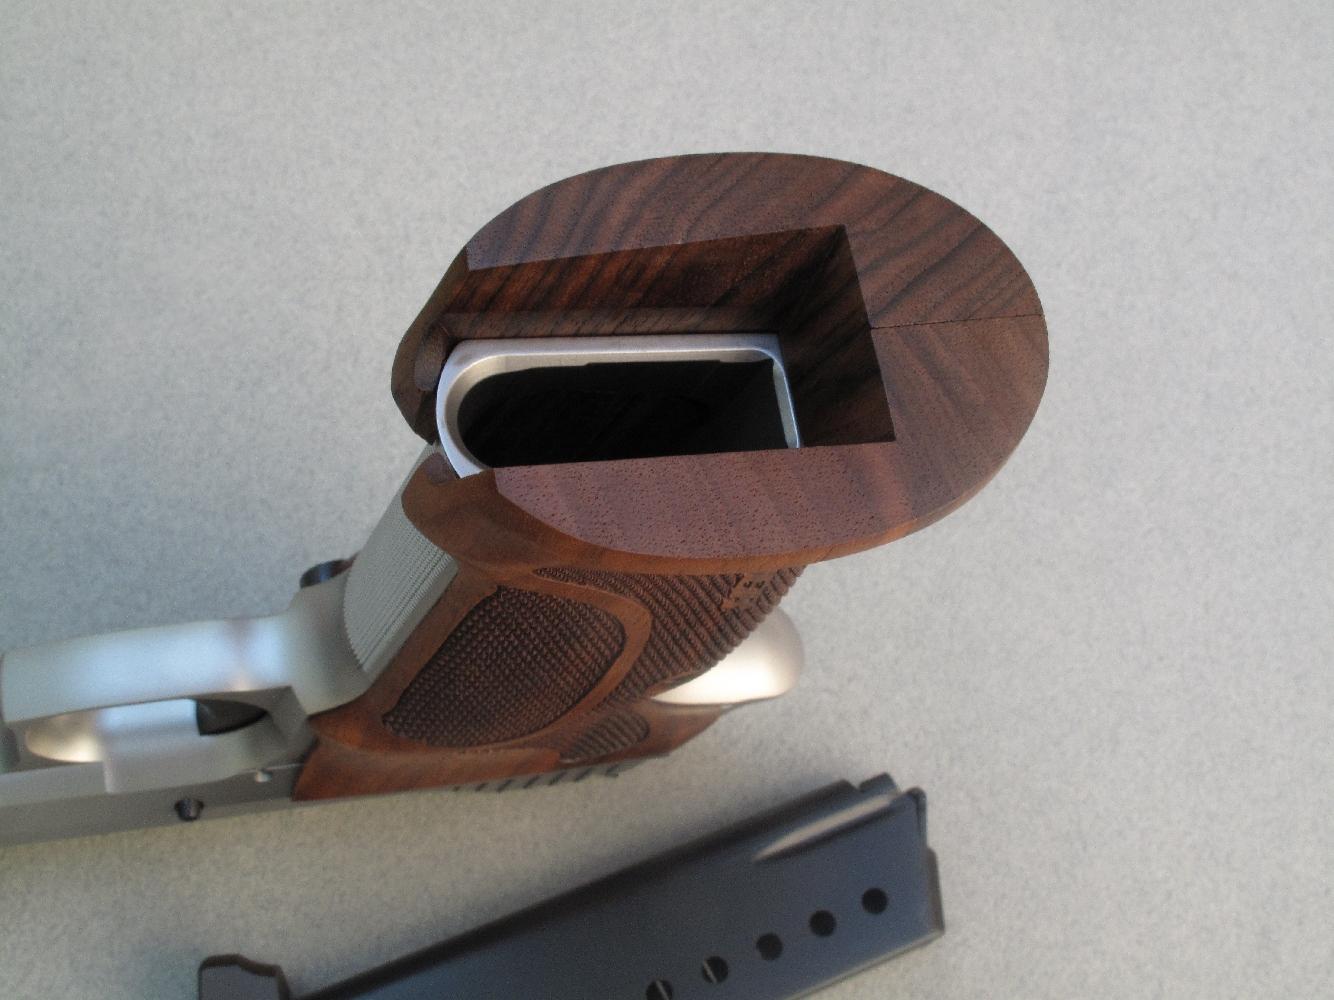 Les plaquettes de crosse, qui dégagent largement l'accès au puits de chargeur, disposent de parois internes inclinées de façon à former un « Jet Funnel ».